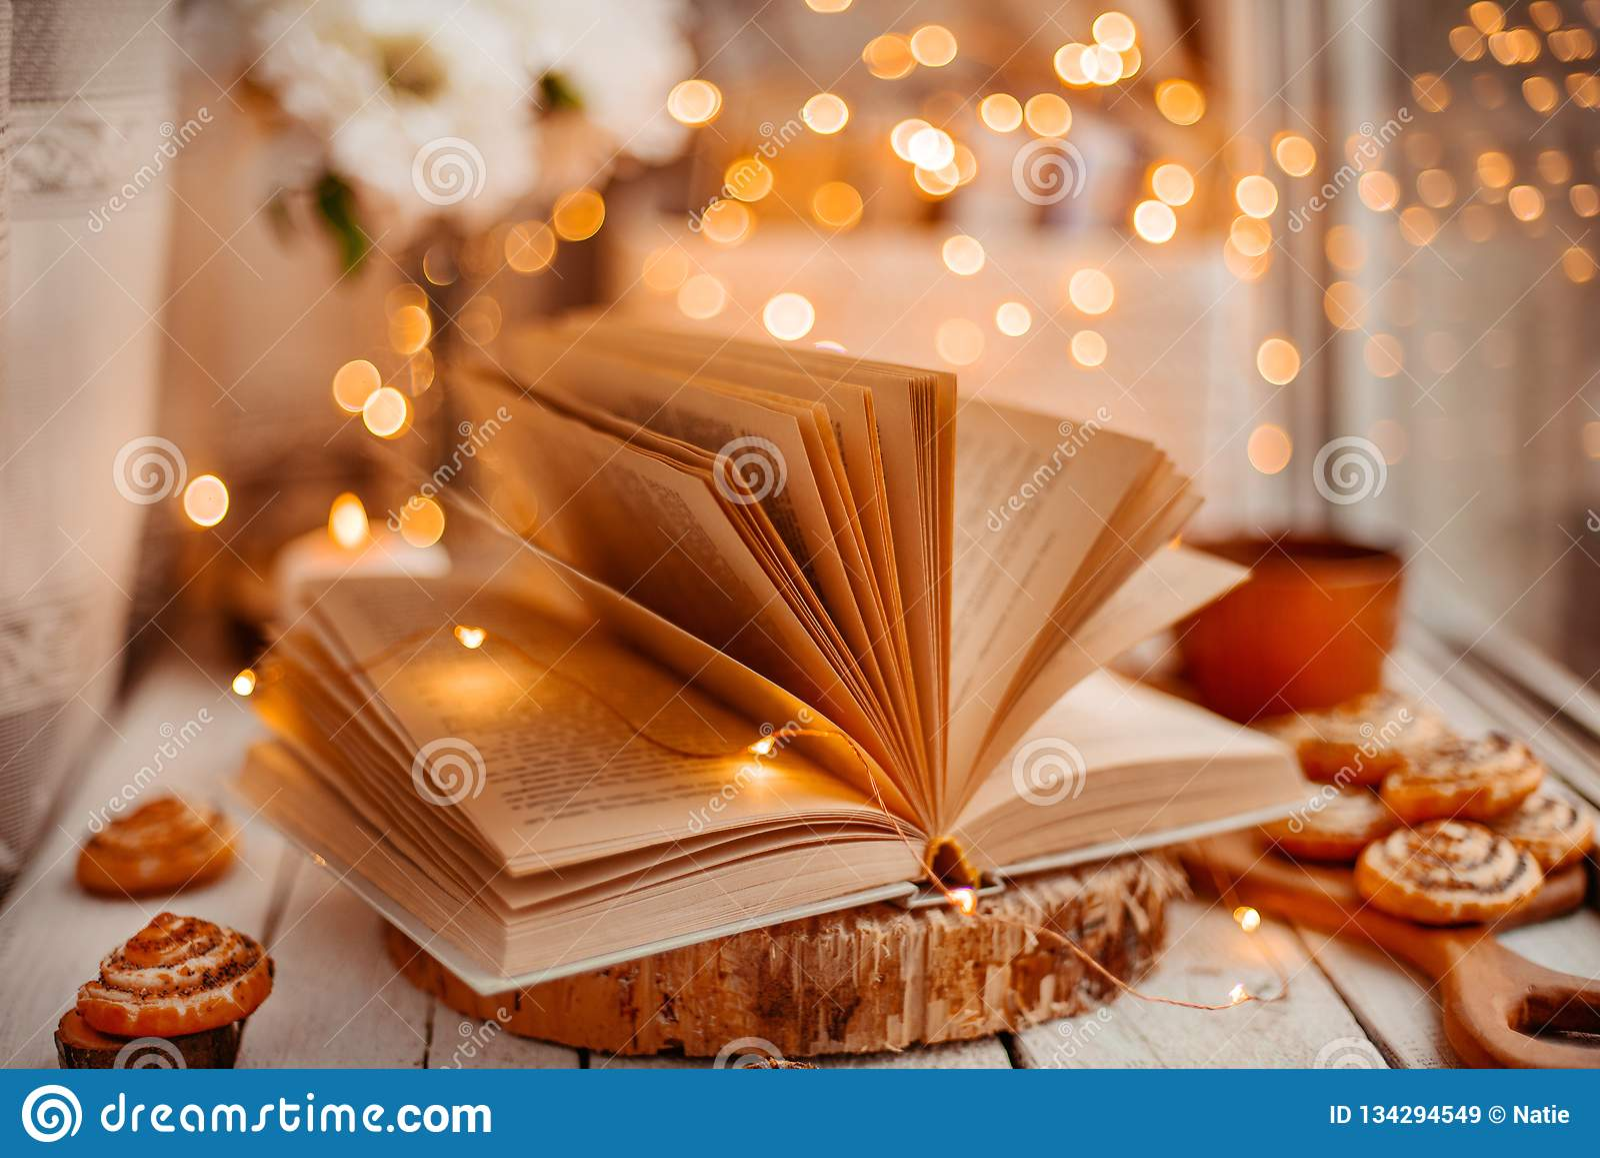 Livre ouvert avec des lumières